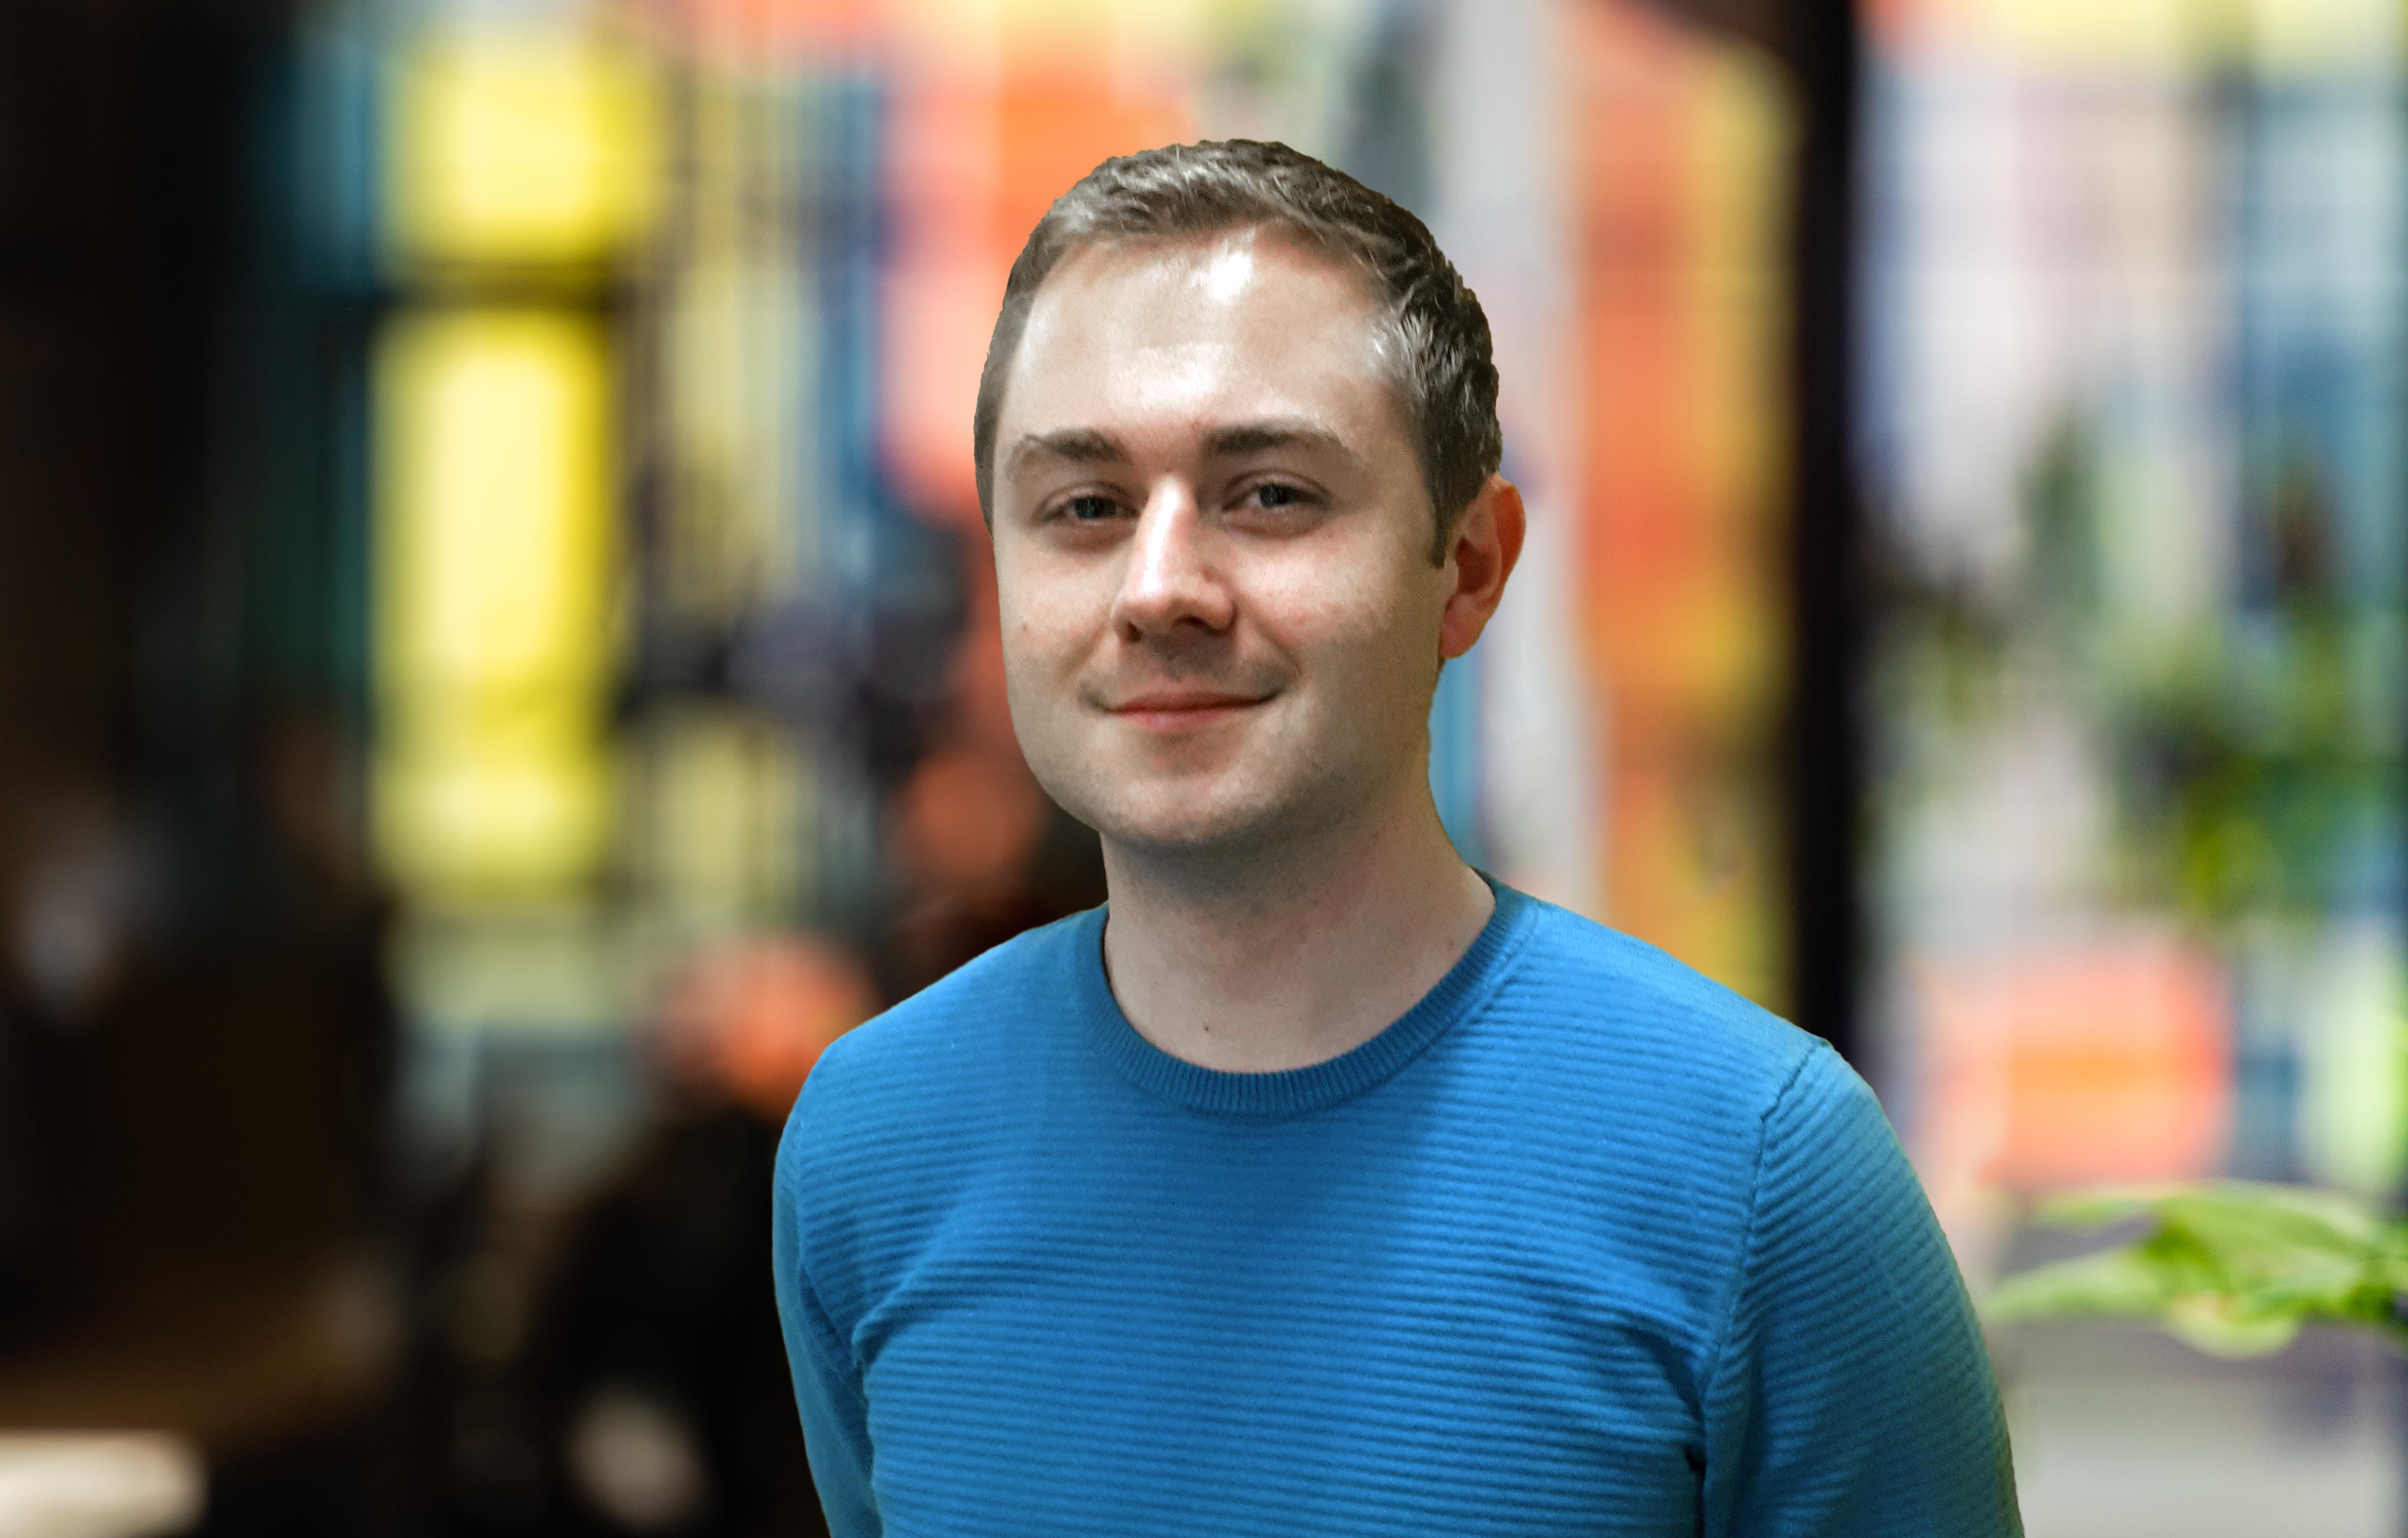 Menno Hamburg Lead Data Consultant